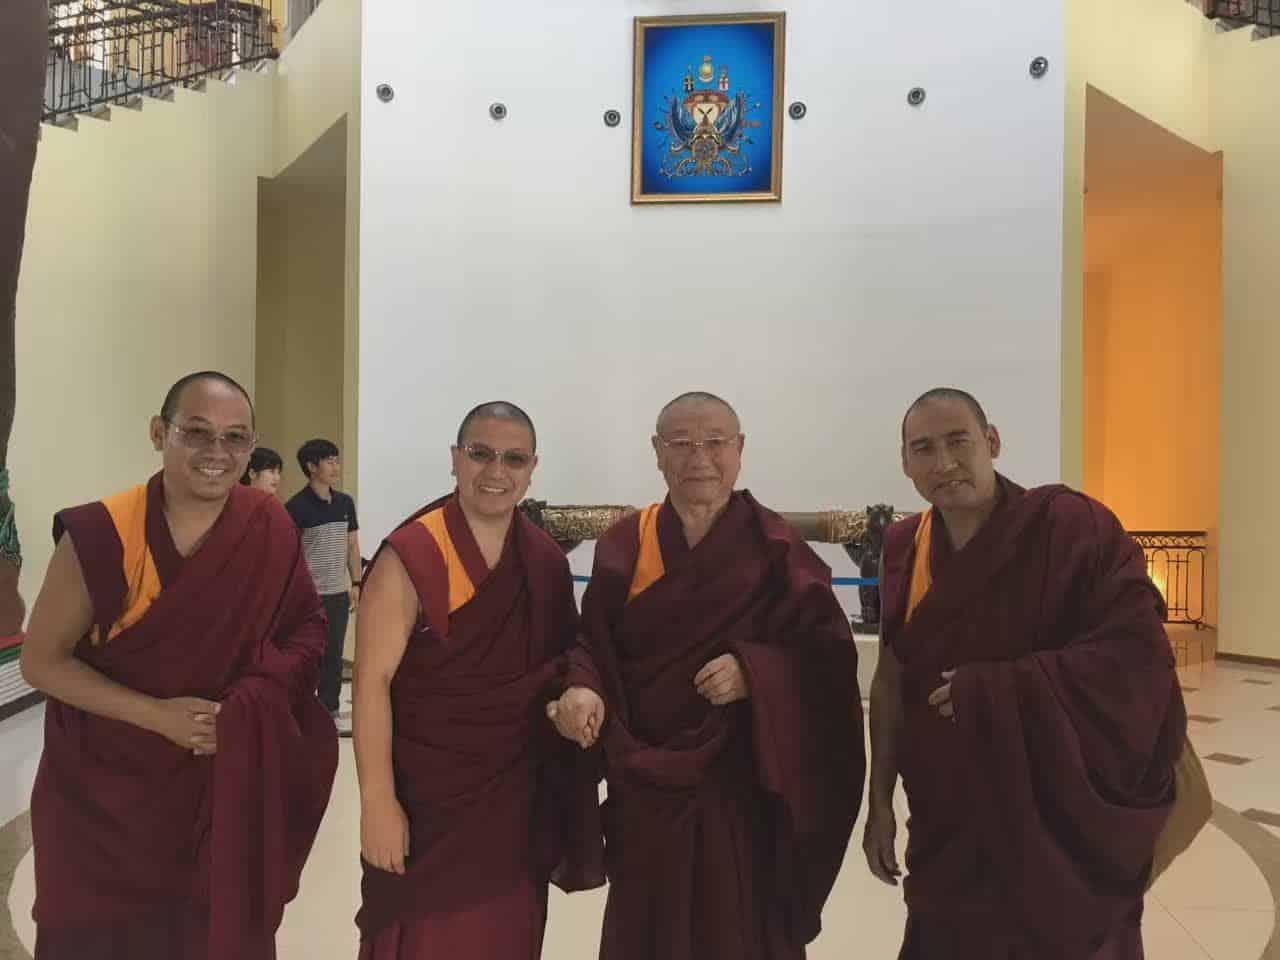 gosok-rinpoche-mongolia-2016-e5bfe899a81acc198f6c39bc504abda